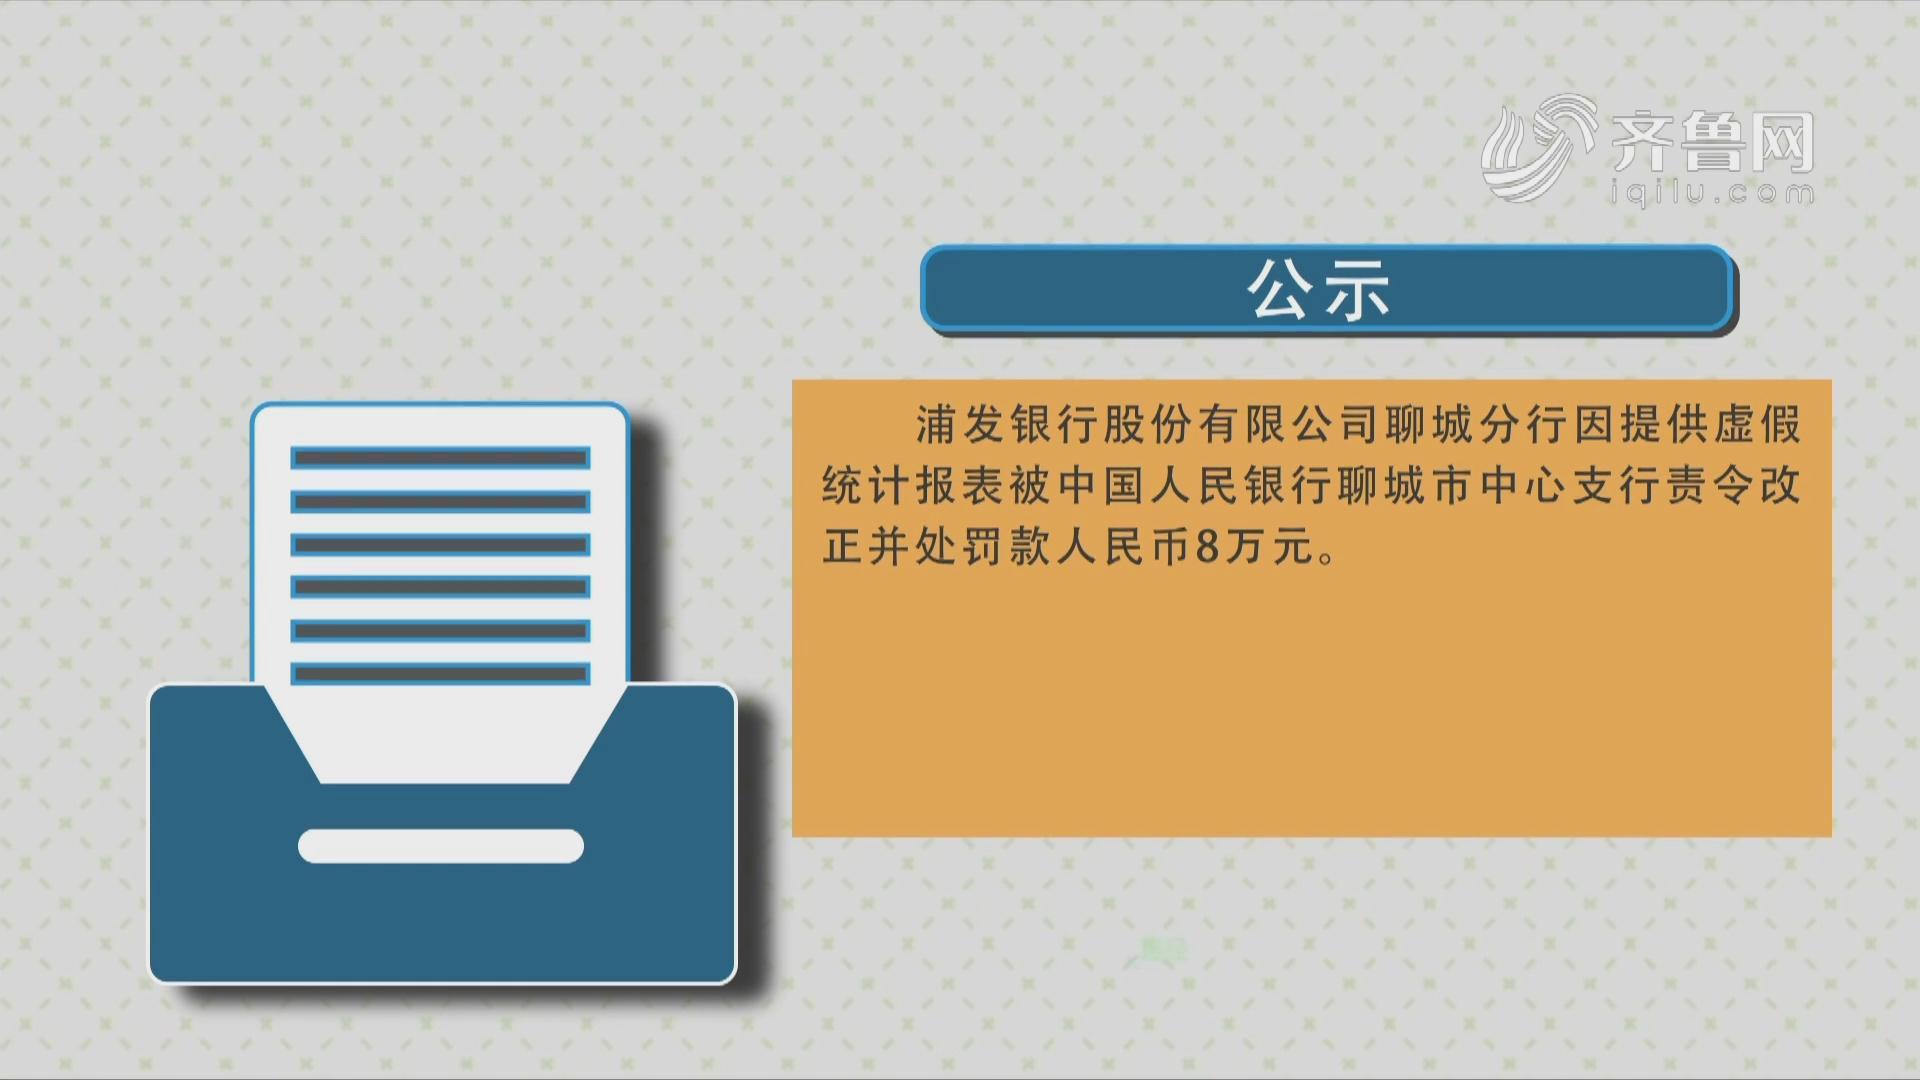 中国人民银行济南分行公布了对中国邮政储蓄银行股份有限公司山东省分行等多家银行金融机构的处罚公示《齐鲁金融》20200122播出